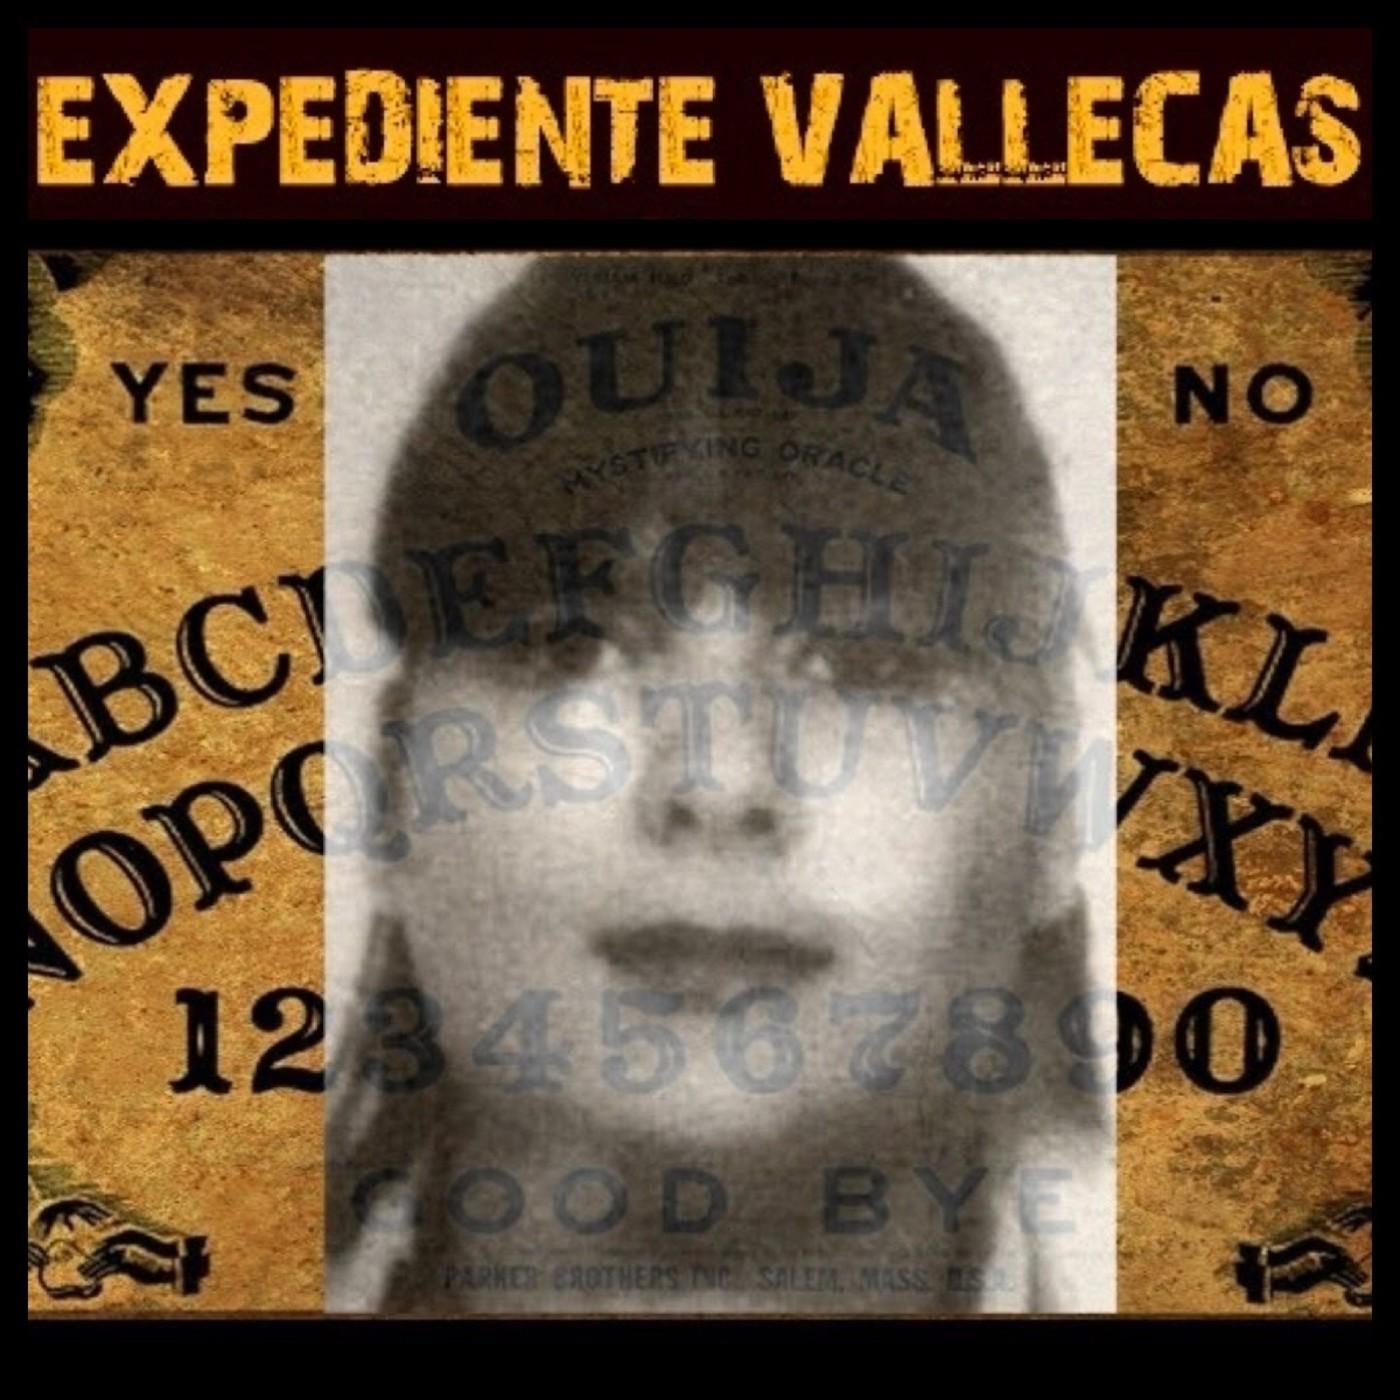 Expediente Vallecas; 26 años de mentiras...¡o no! en El Centinela ...